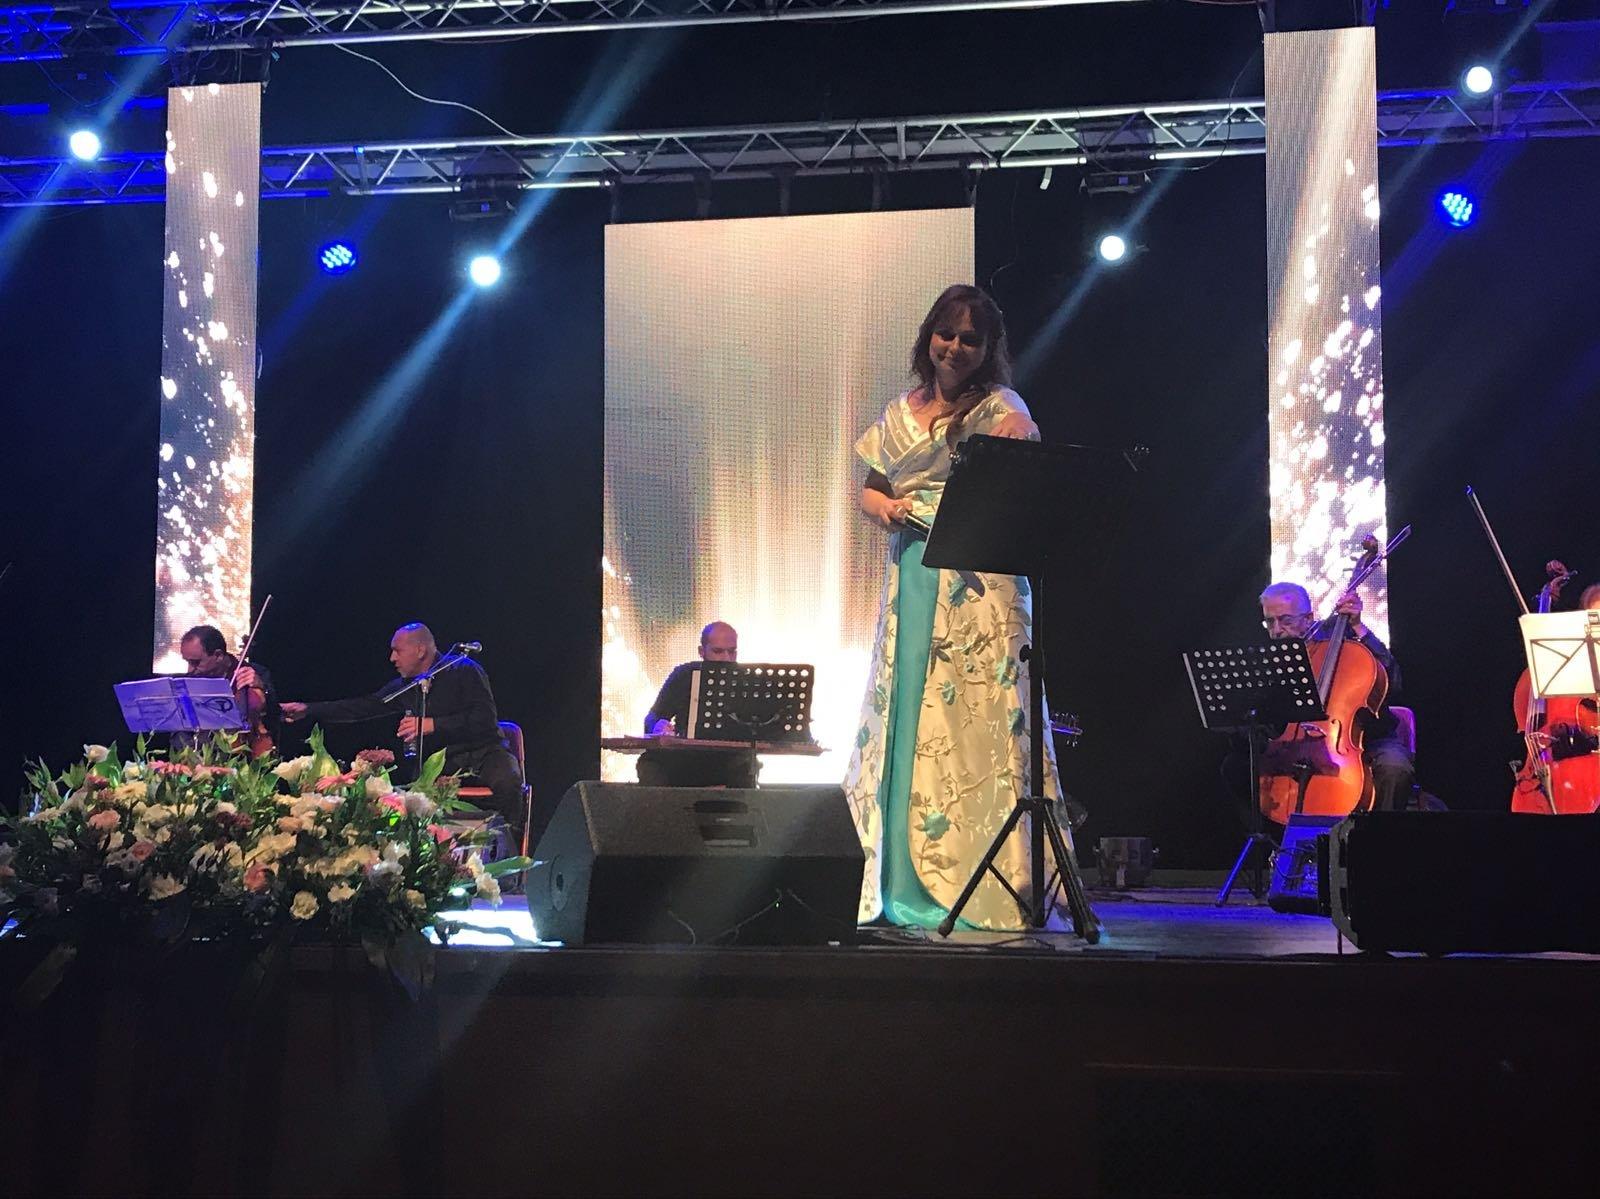 جورجيت نوفي تتألق في حفل غنائي بالناصرة